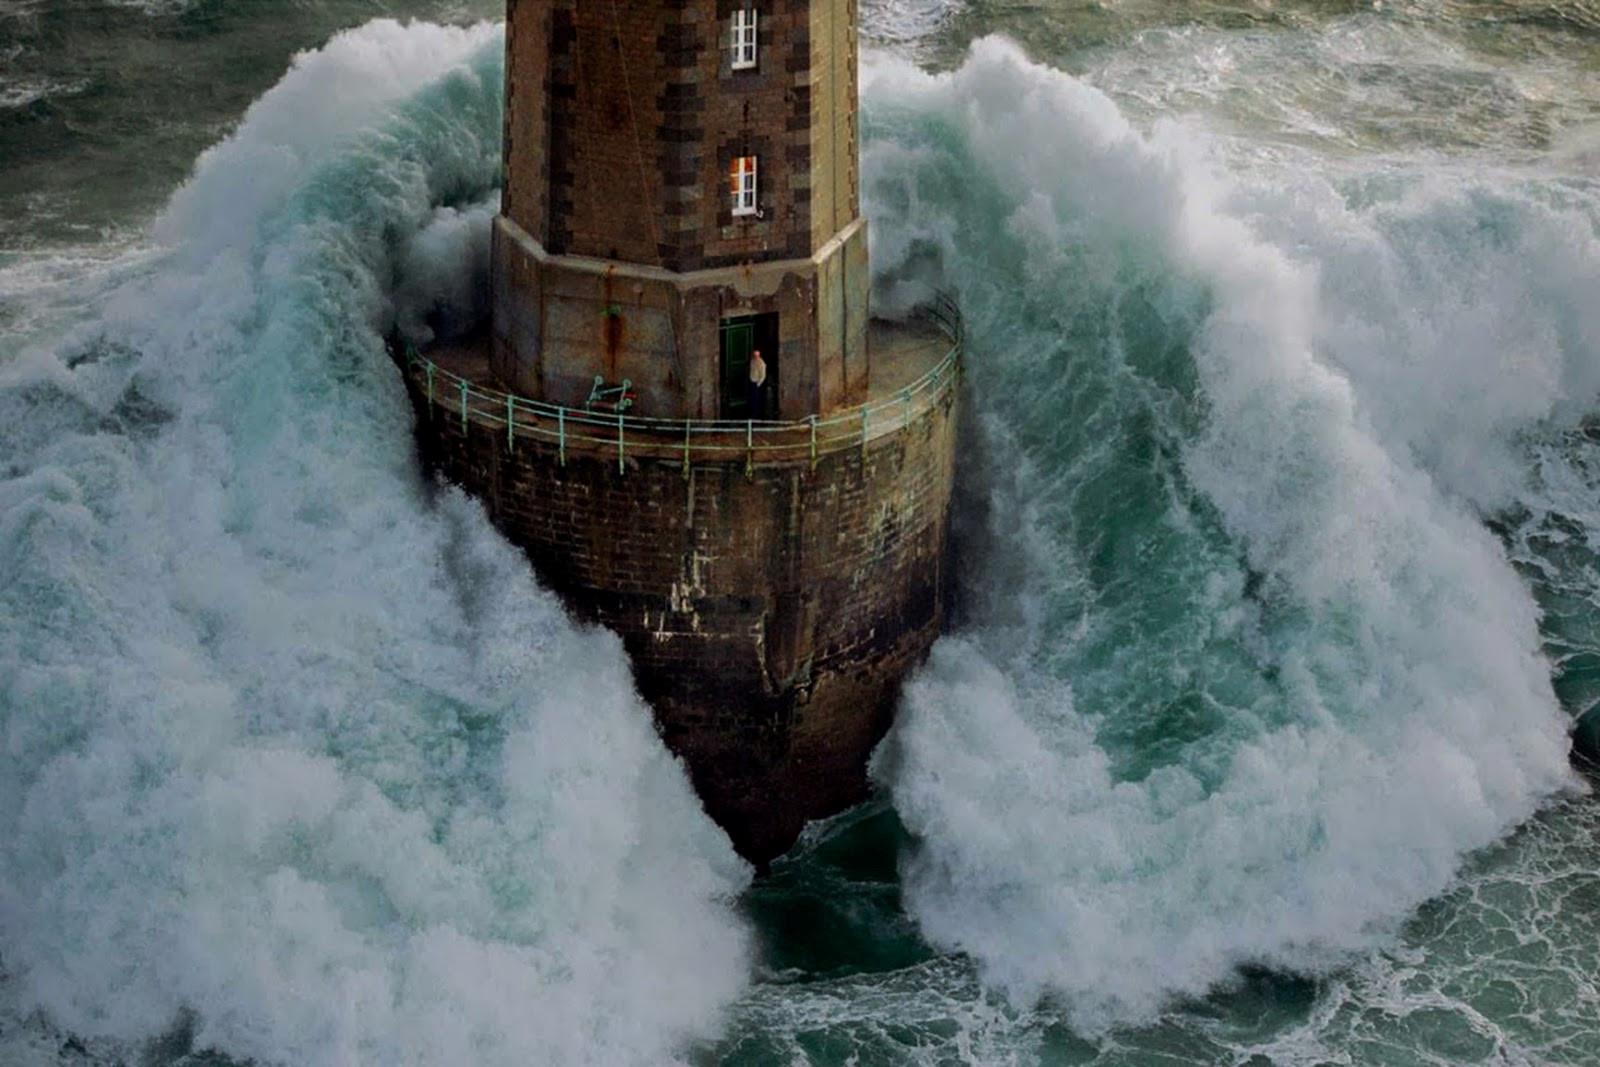 Ngọn hải đăng nổi tiếng nhờ bức ảnh khiến người xem lạnh gáy Ảnh 5